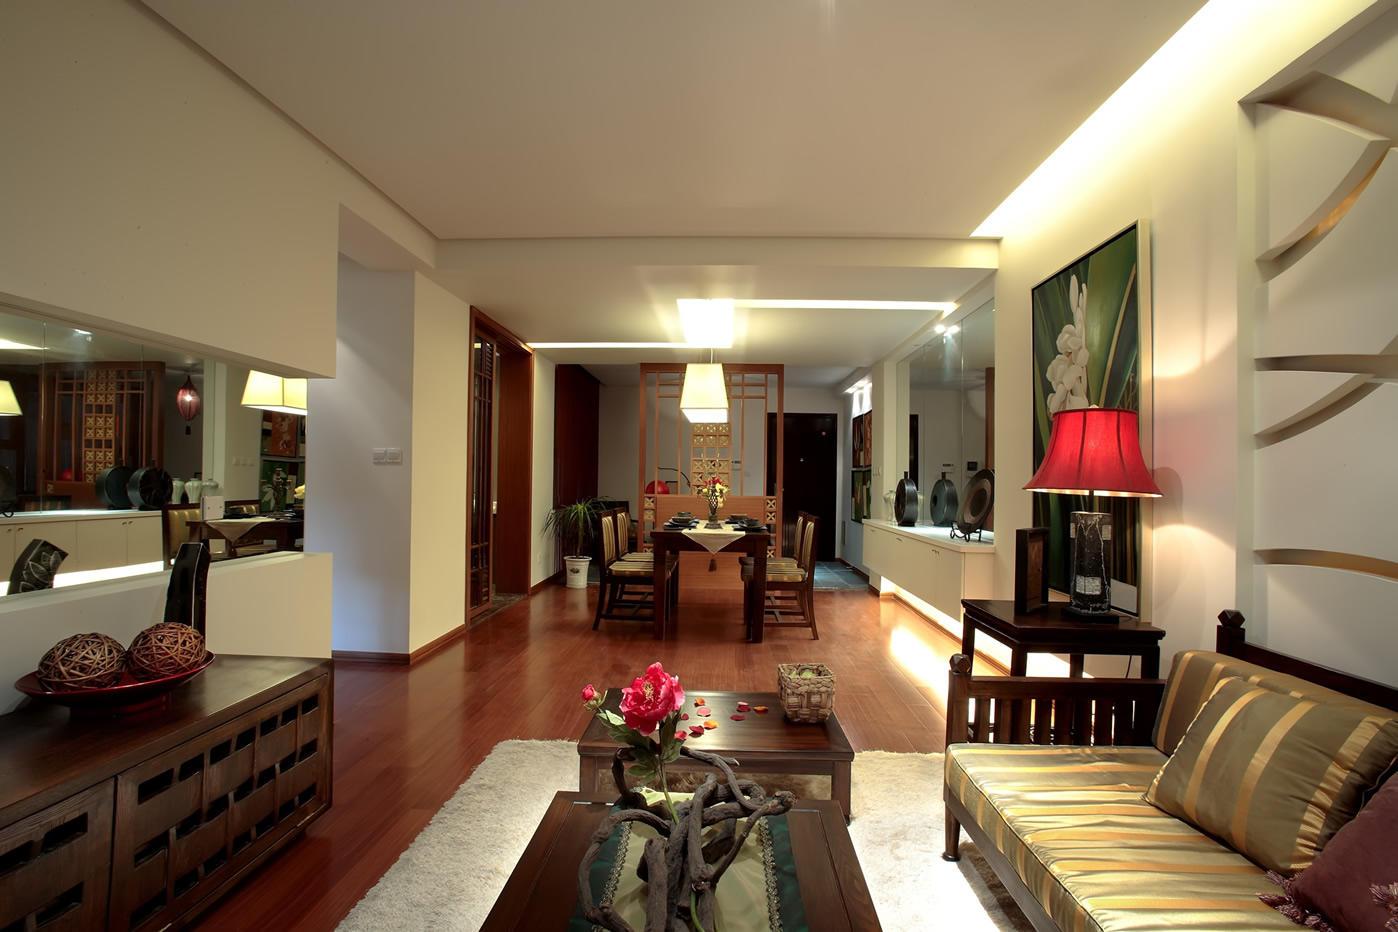 雅致东南亚自然风情公寓室内装潢美图